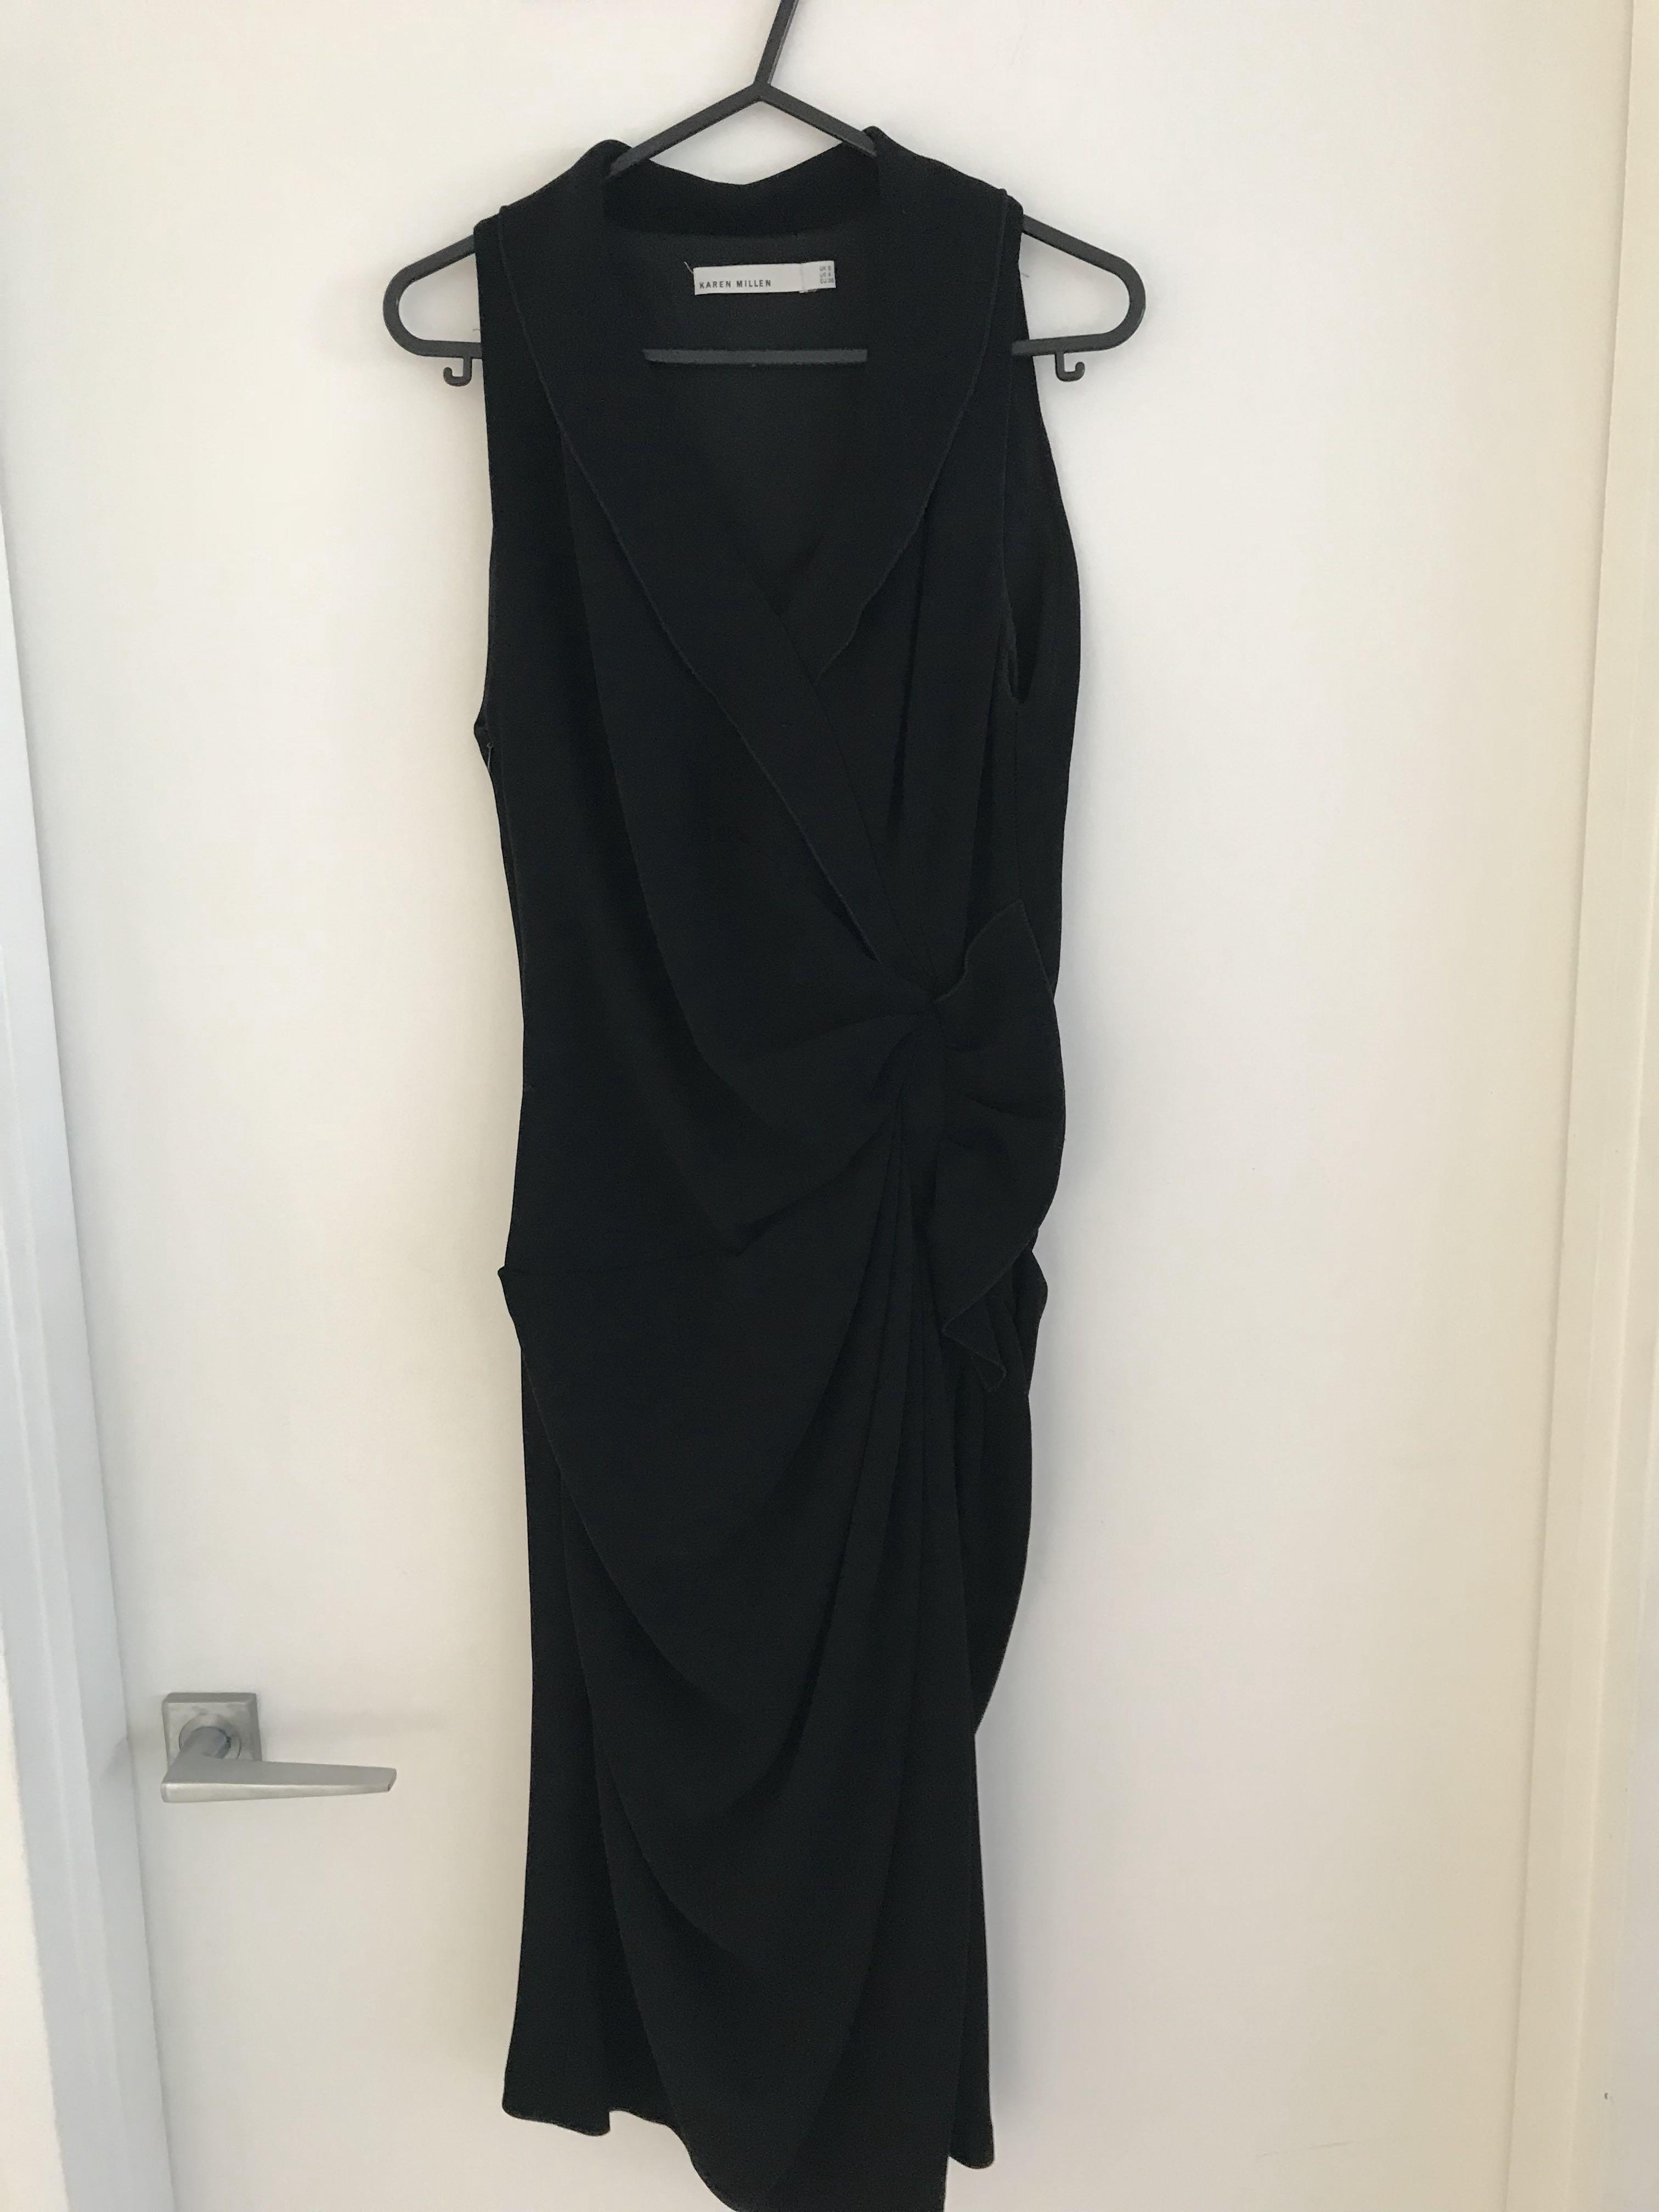 Black Karen Millen dress